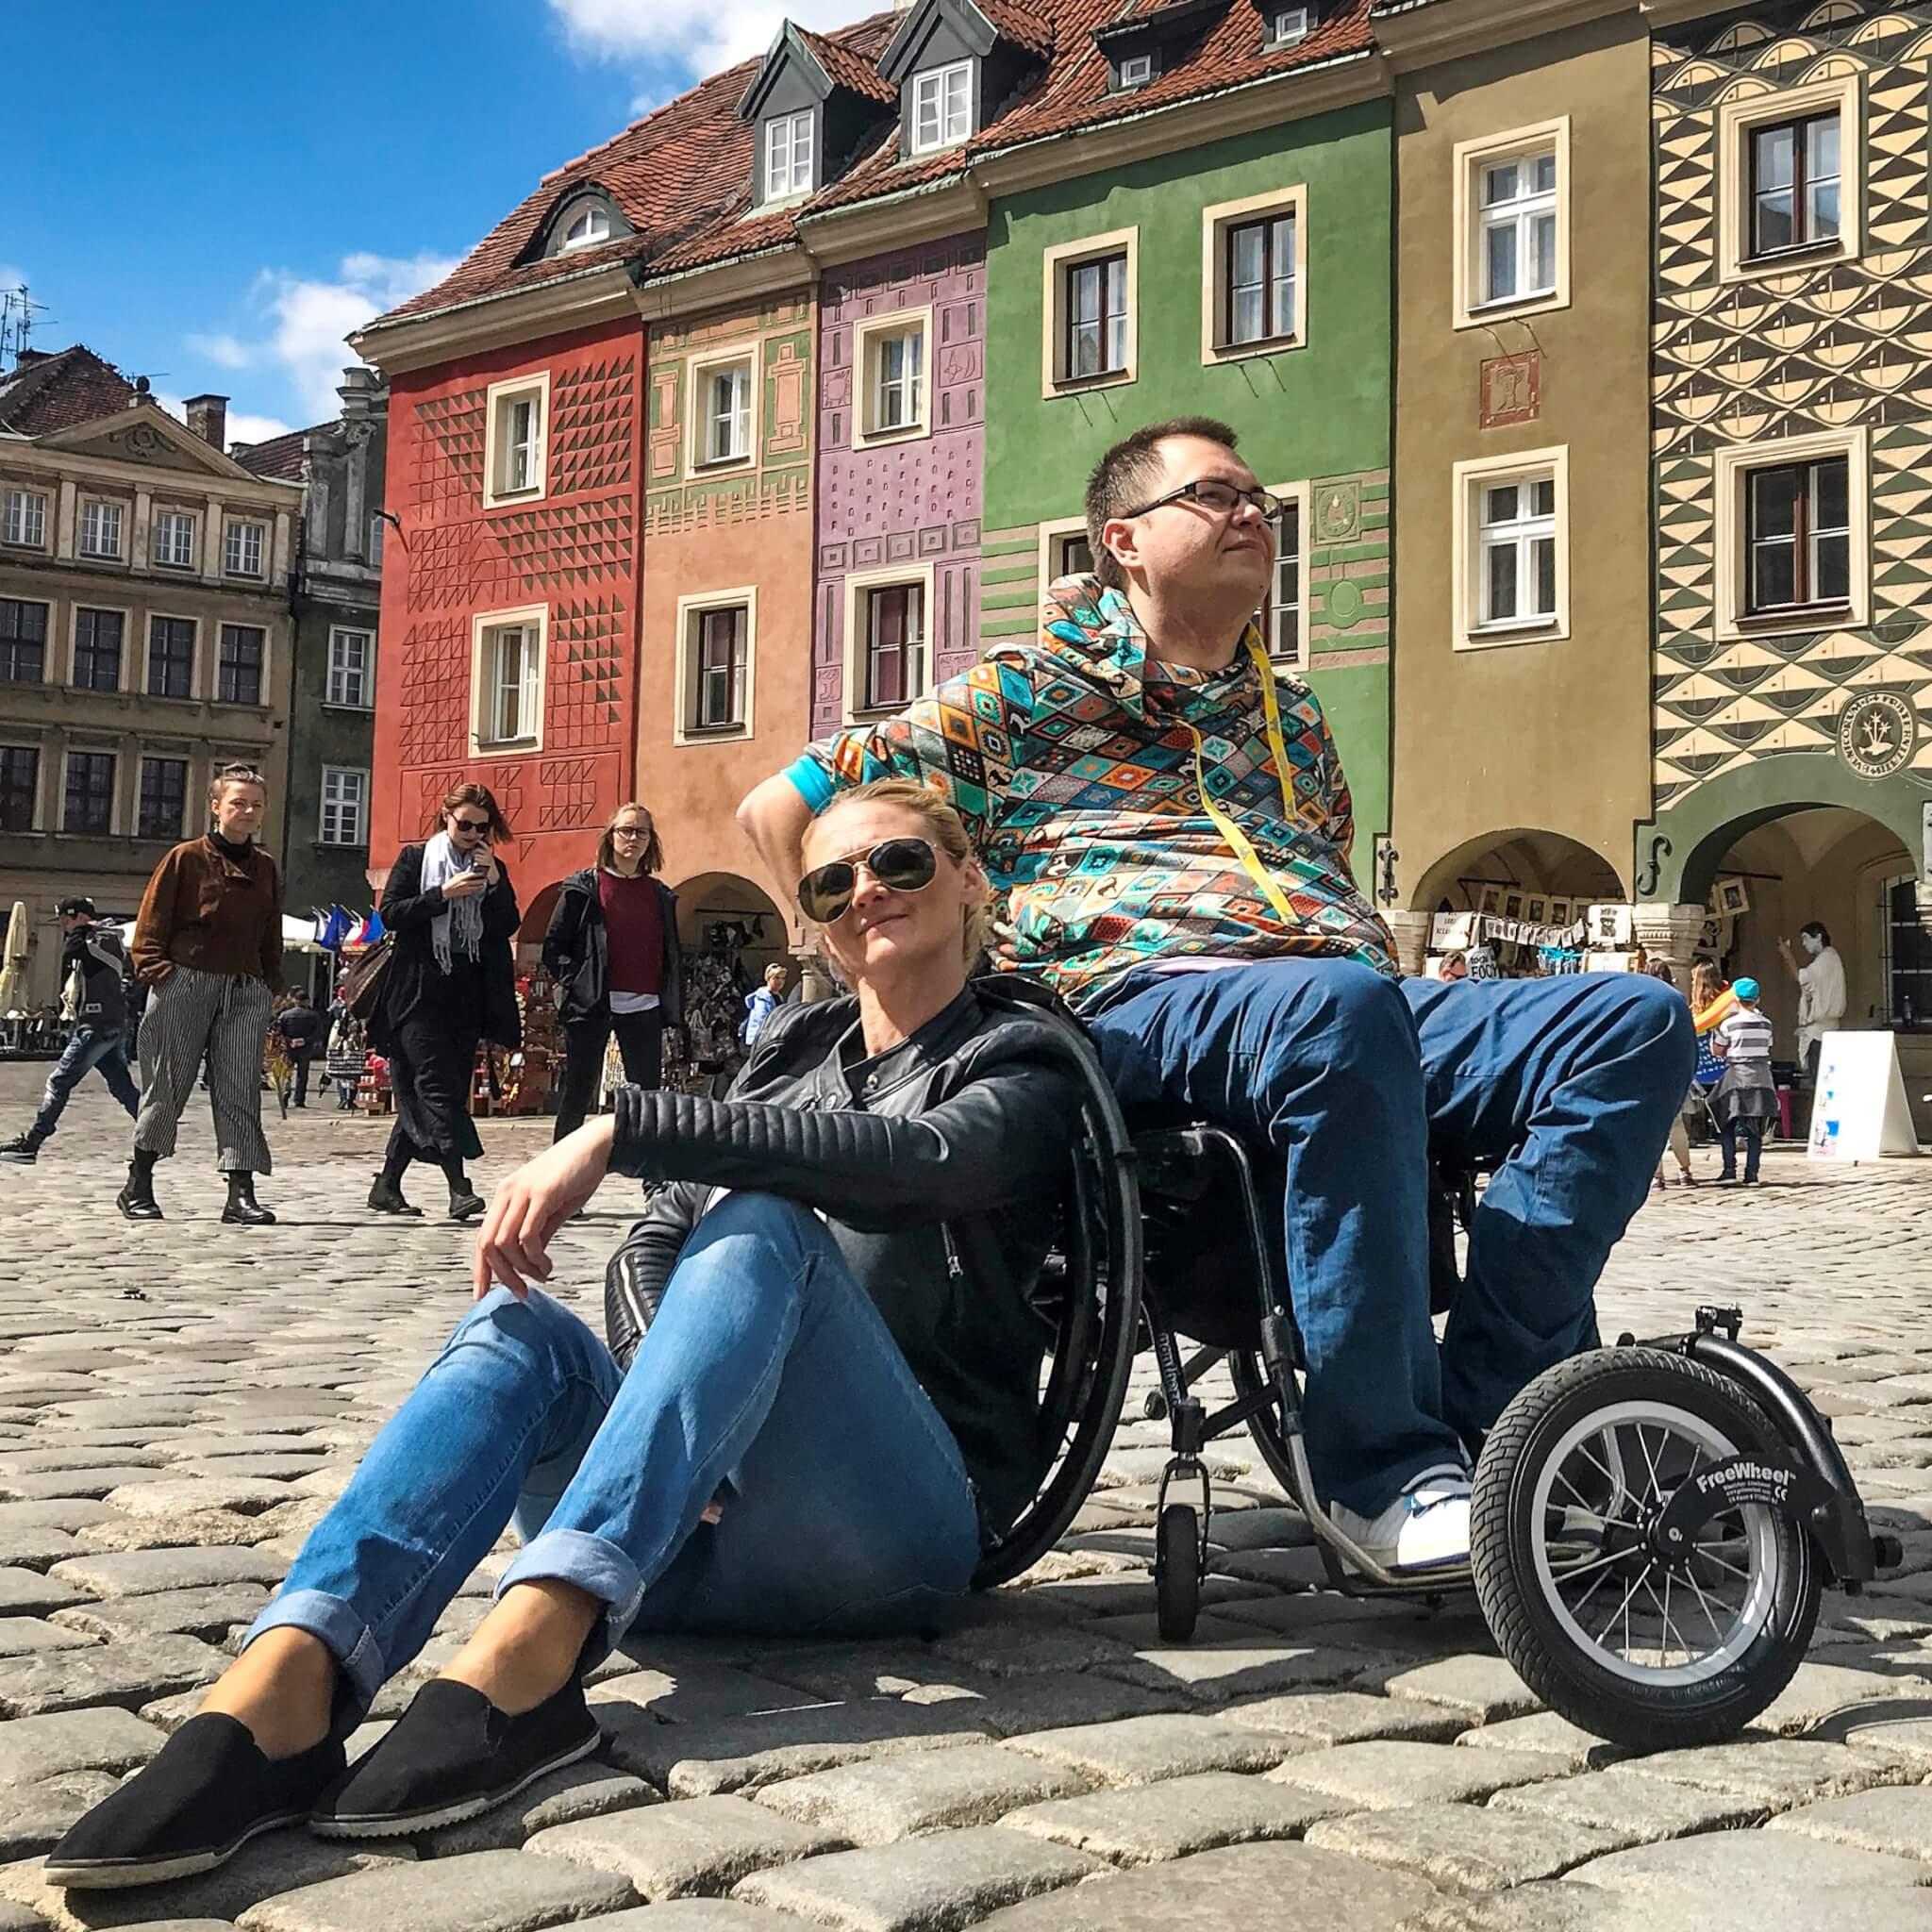 Podróże to ich pasja i tą pasją chcą zarażać. Pokazują, że niepełnosprawność nie przeszkadza w zdobywaniu Świata i realizacji marzeń. Tworzą przewodniki dla osób z niepełnosprawnościami testując hotele i świat na własnej skórze.